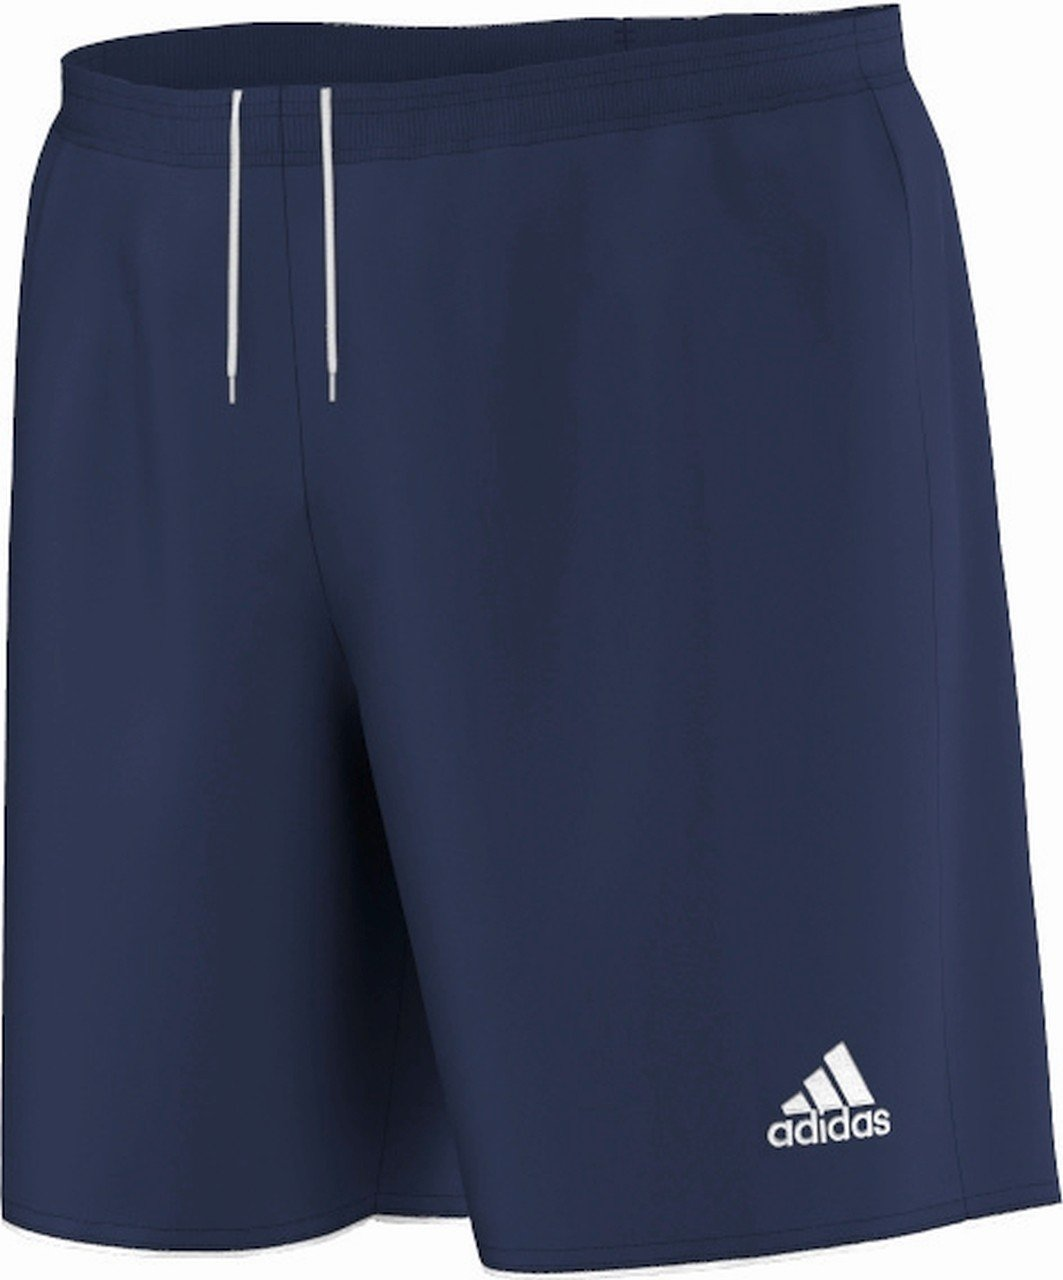 Mejor valorados en Pantalones de fútbol para hombre   Opiniones ... 9dab50adc4c8